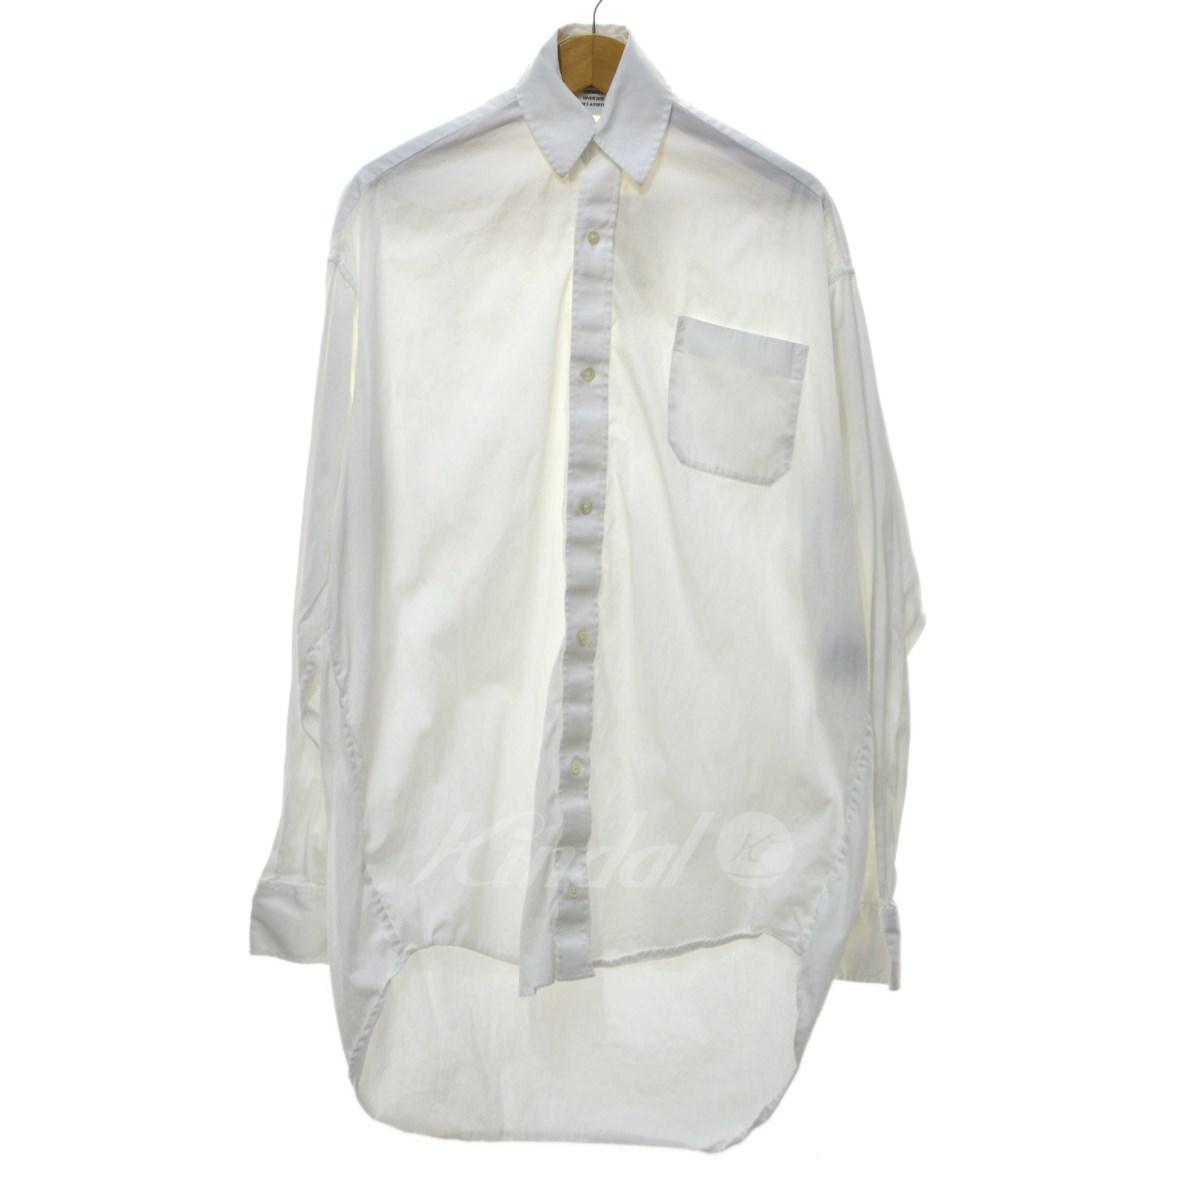 【中古】VETEMENTS Over Size Shirt オーバーサイズシャツ ホワイト サイズ:S 【送料無料】 【050618】(ヴェトモン)